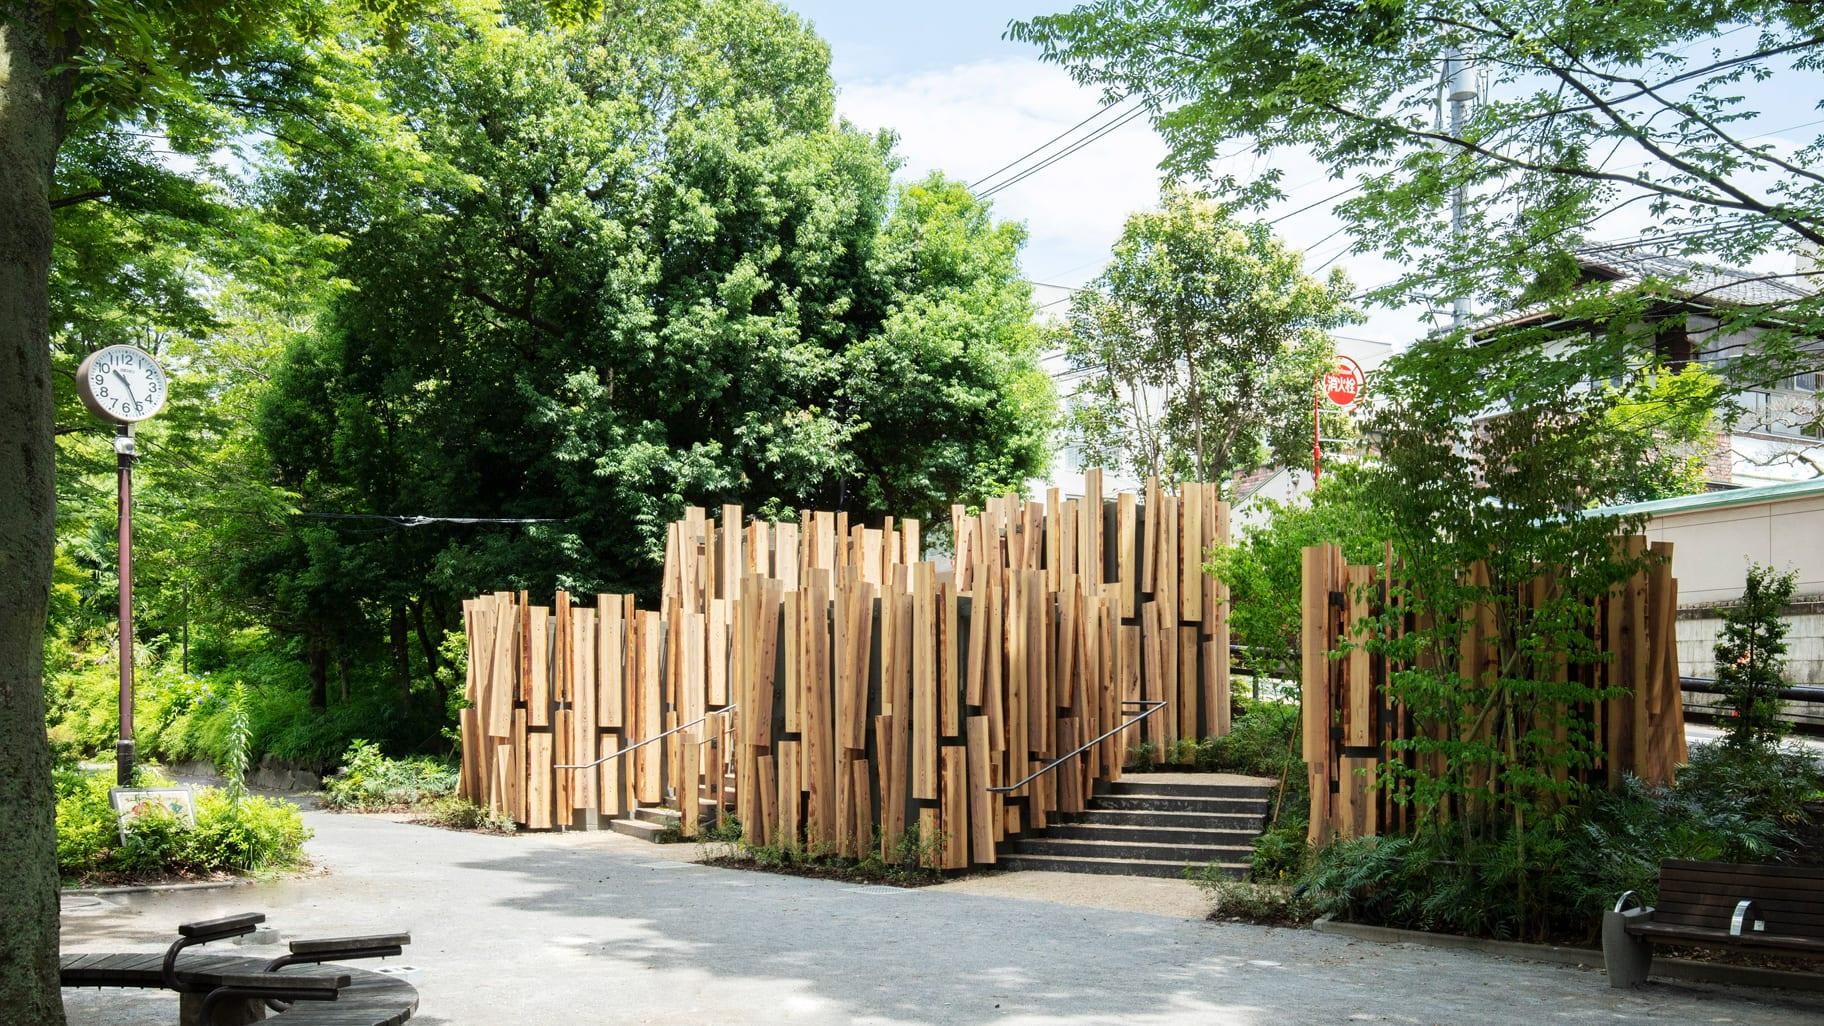 Openbaar toilet ontworpen door Kengo Kuma